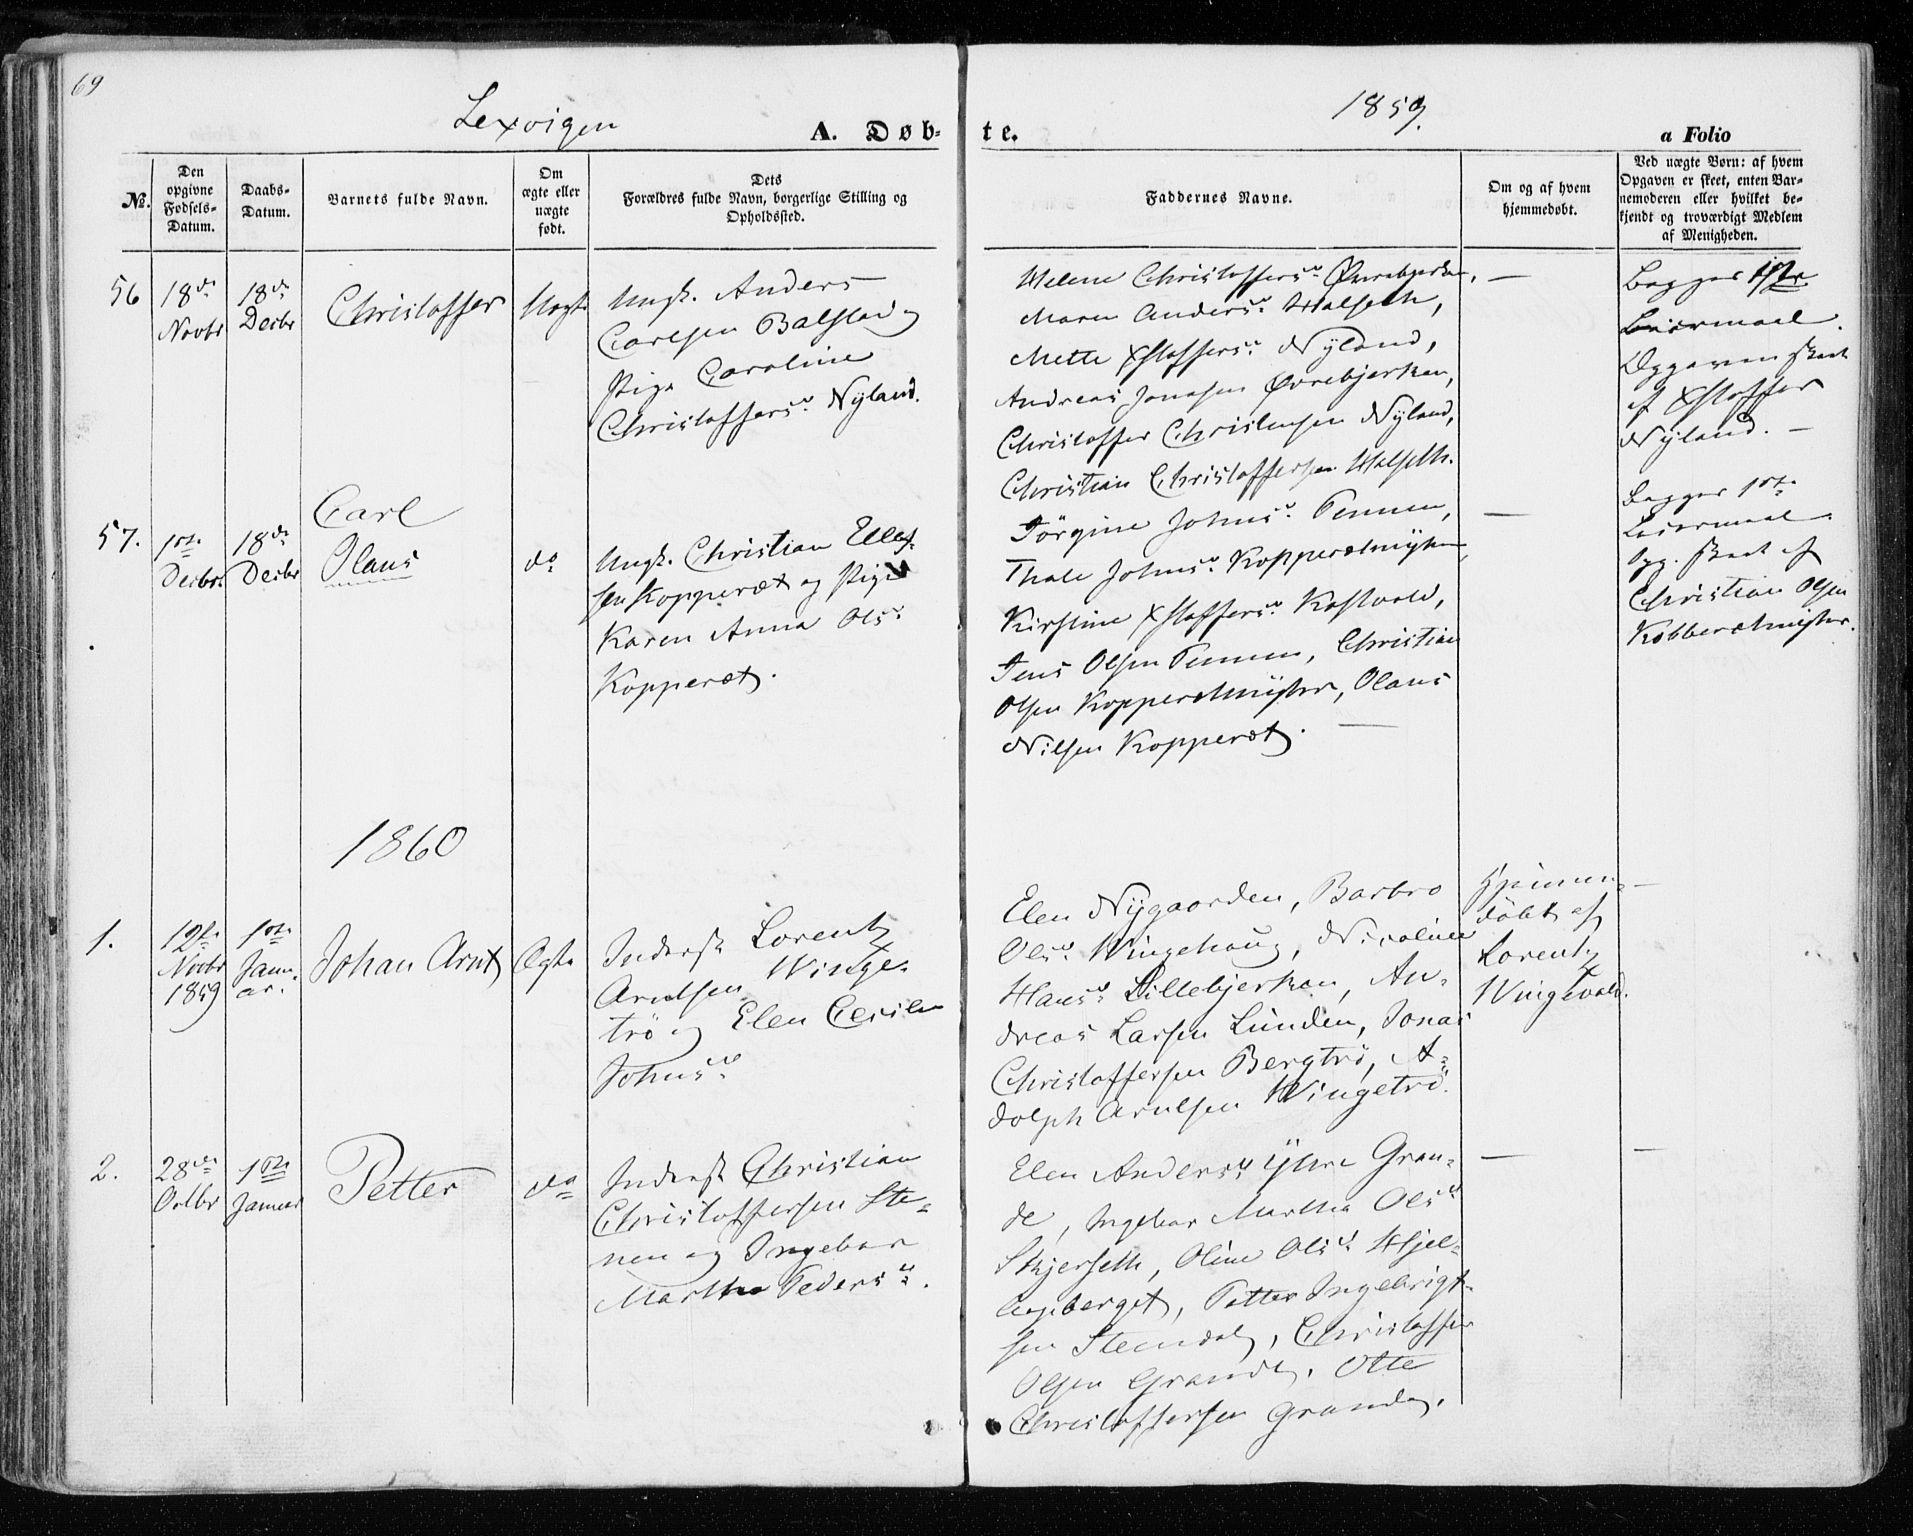 SAT, Ministerialprotokoller, klokkerbøker og fødselsregistre - Nord-Trøndelag, 701/L0008: Ministerialbok nr. 701A08 /1, 1854-1863, s. 69